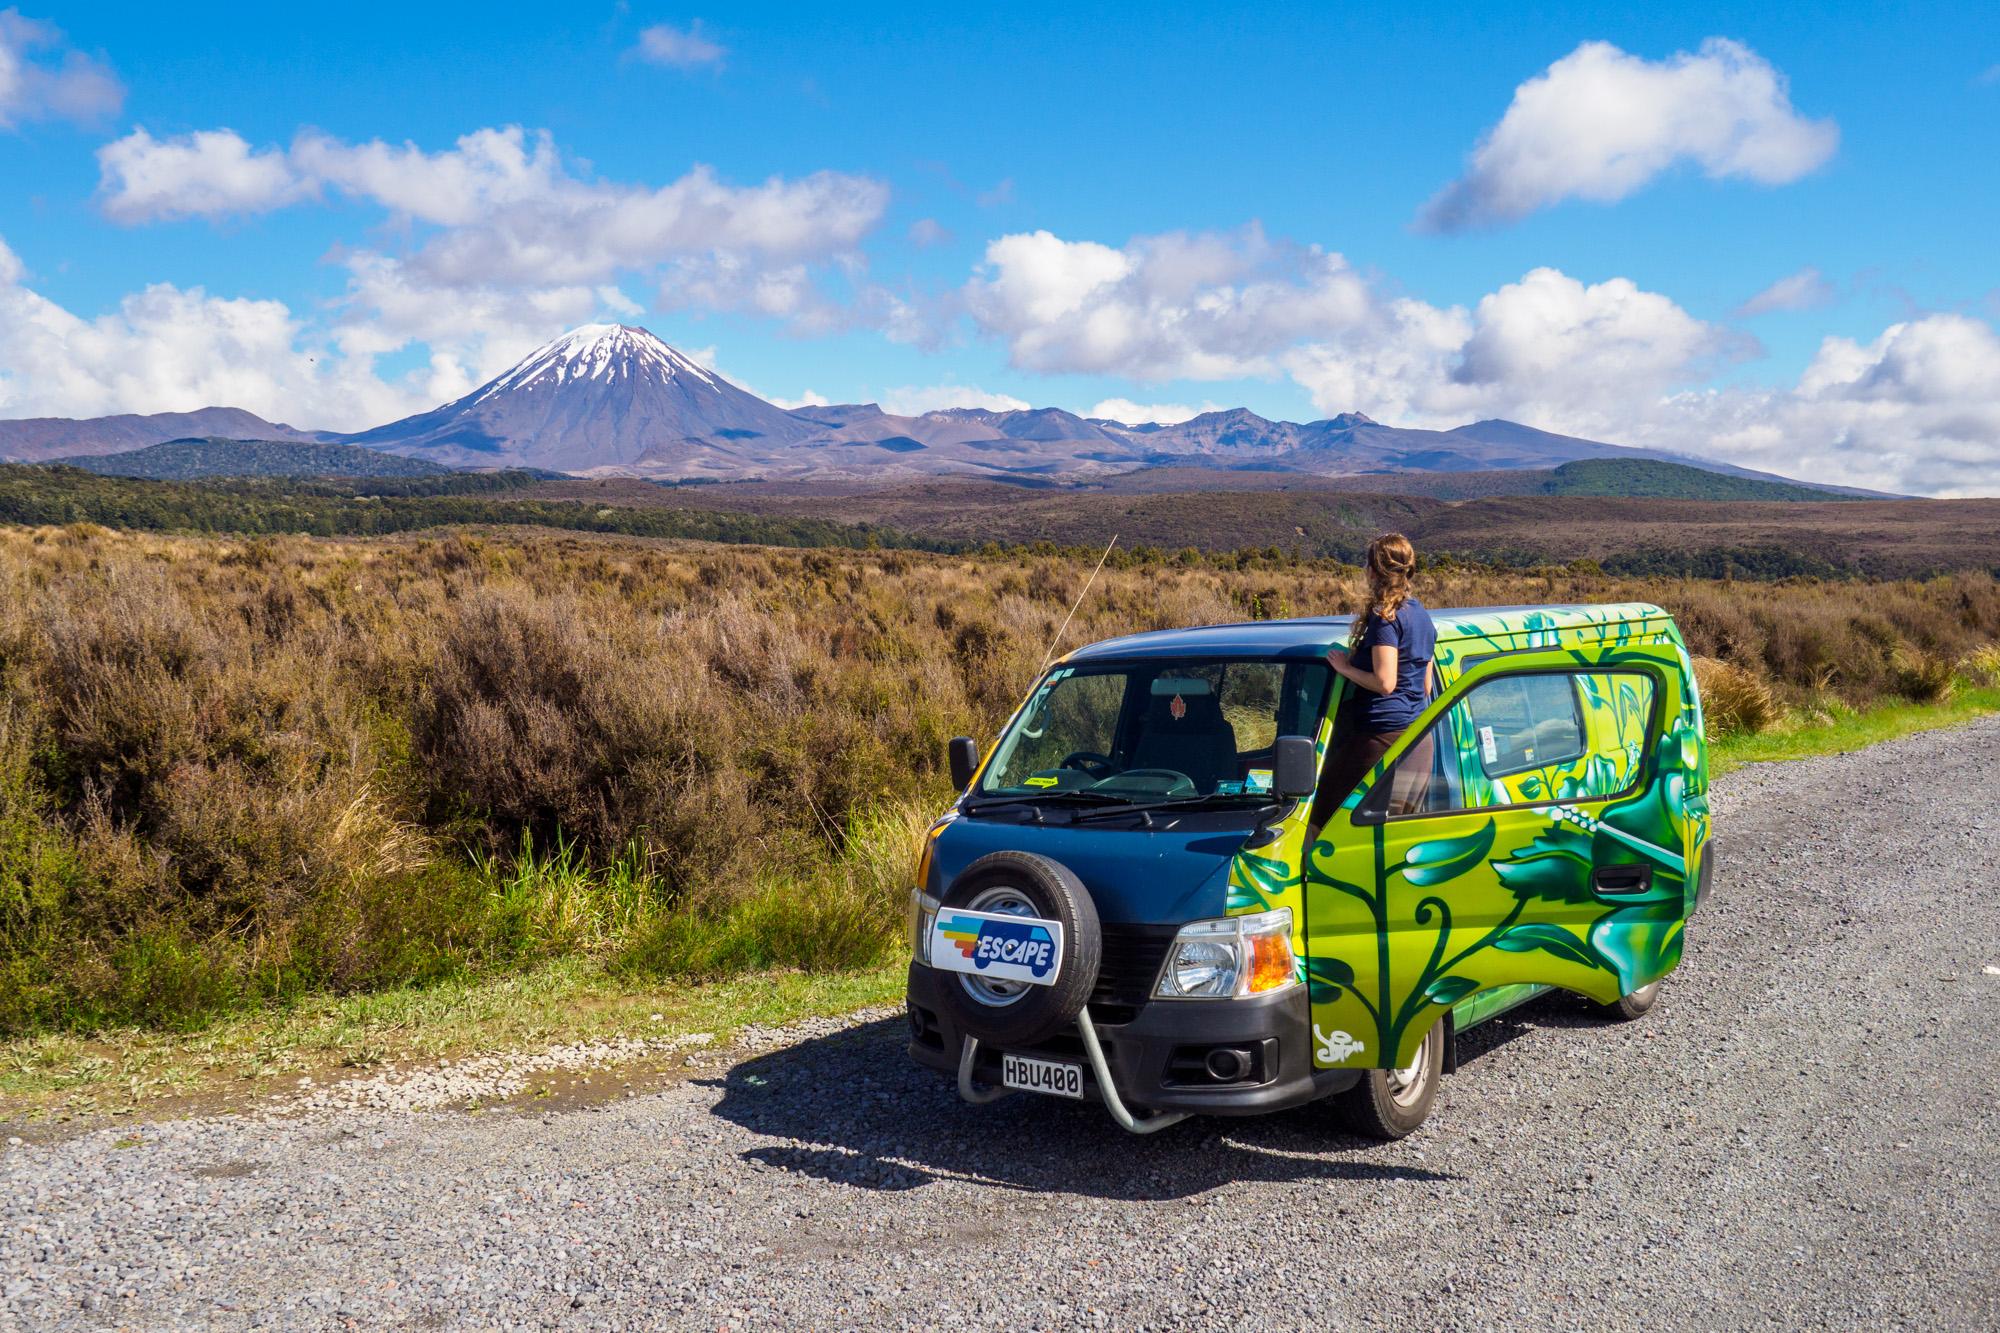 Tongariro - Mt Ngauruhoe